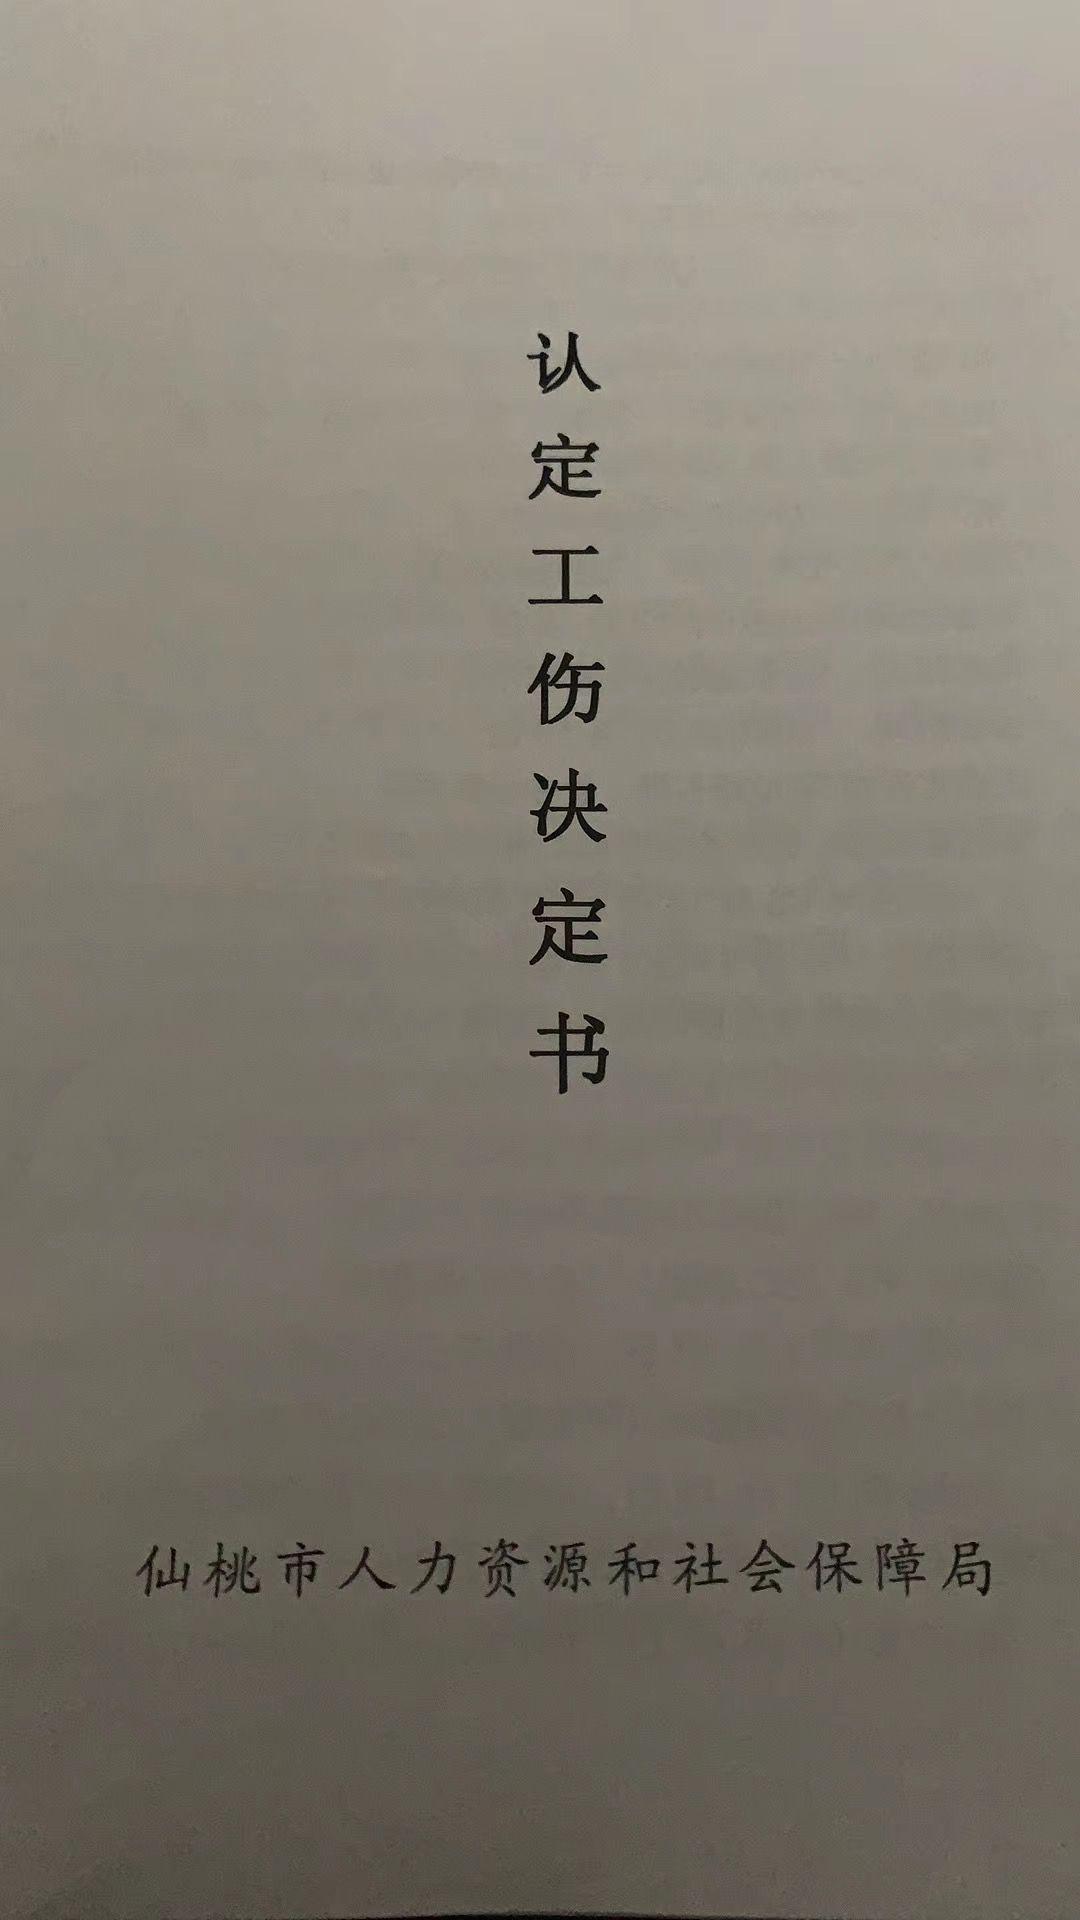 仙桃医生一月接诊三千人家中猝死,行政复议后获工伤认定图片